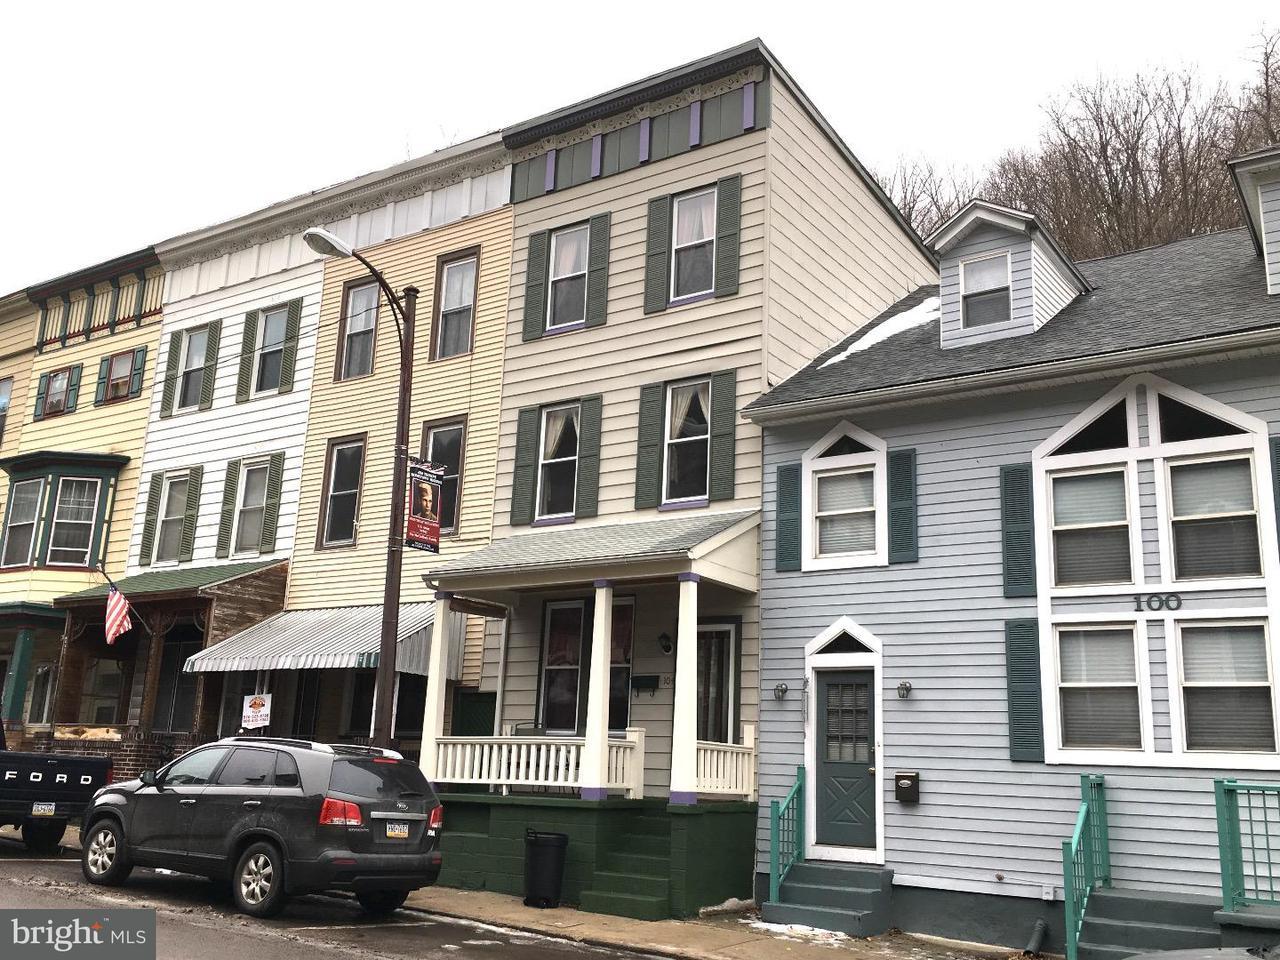 Casa unifamiliar adosada (Townhouse) por un Venta en 104 W BROADWAY Jim Thorpe, Pennsylvania 18229 Estados Unidos